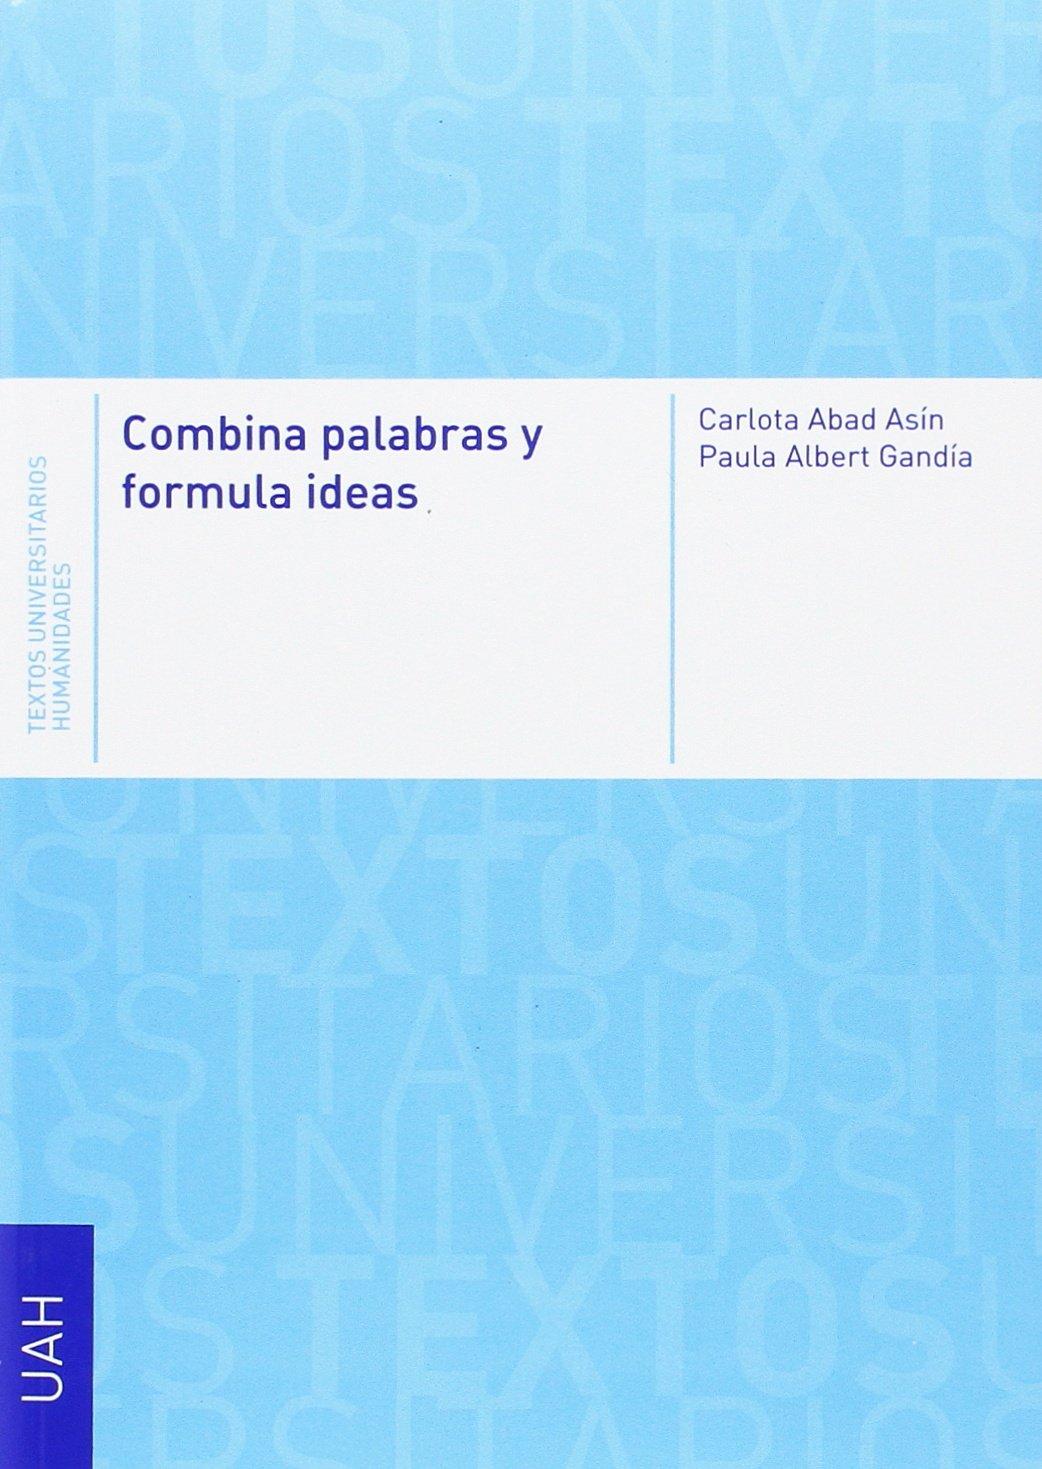 Amazon.com: Cervantes y El Quijote en la filatelia y la ...